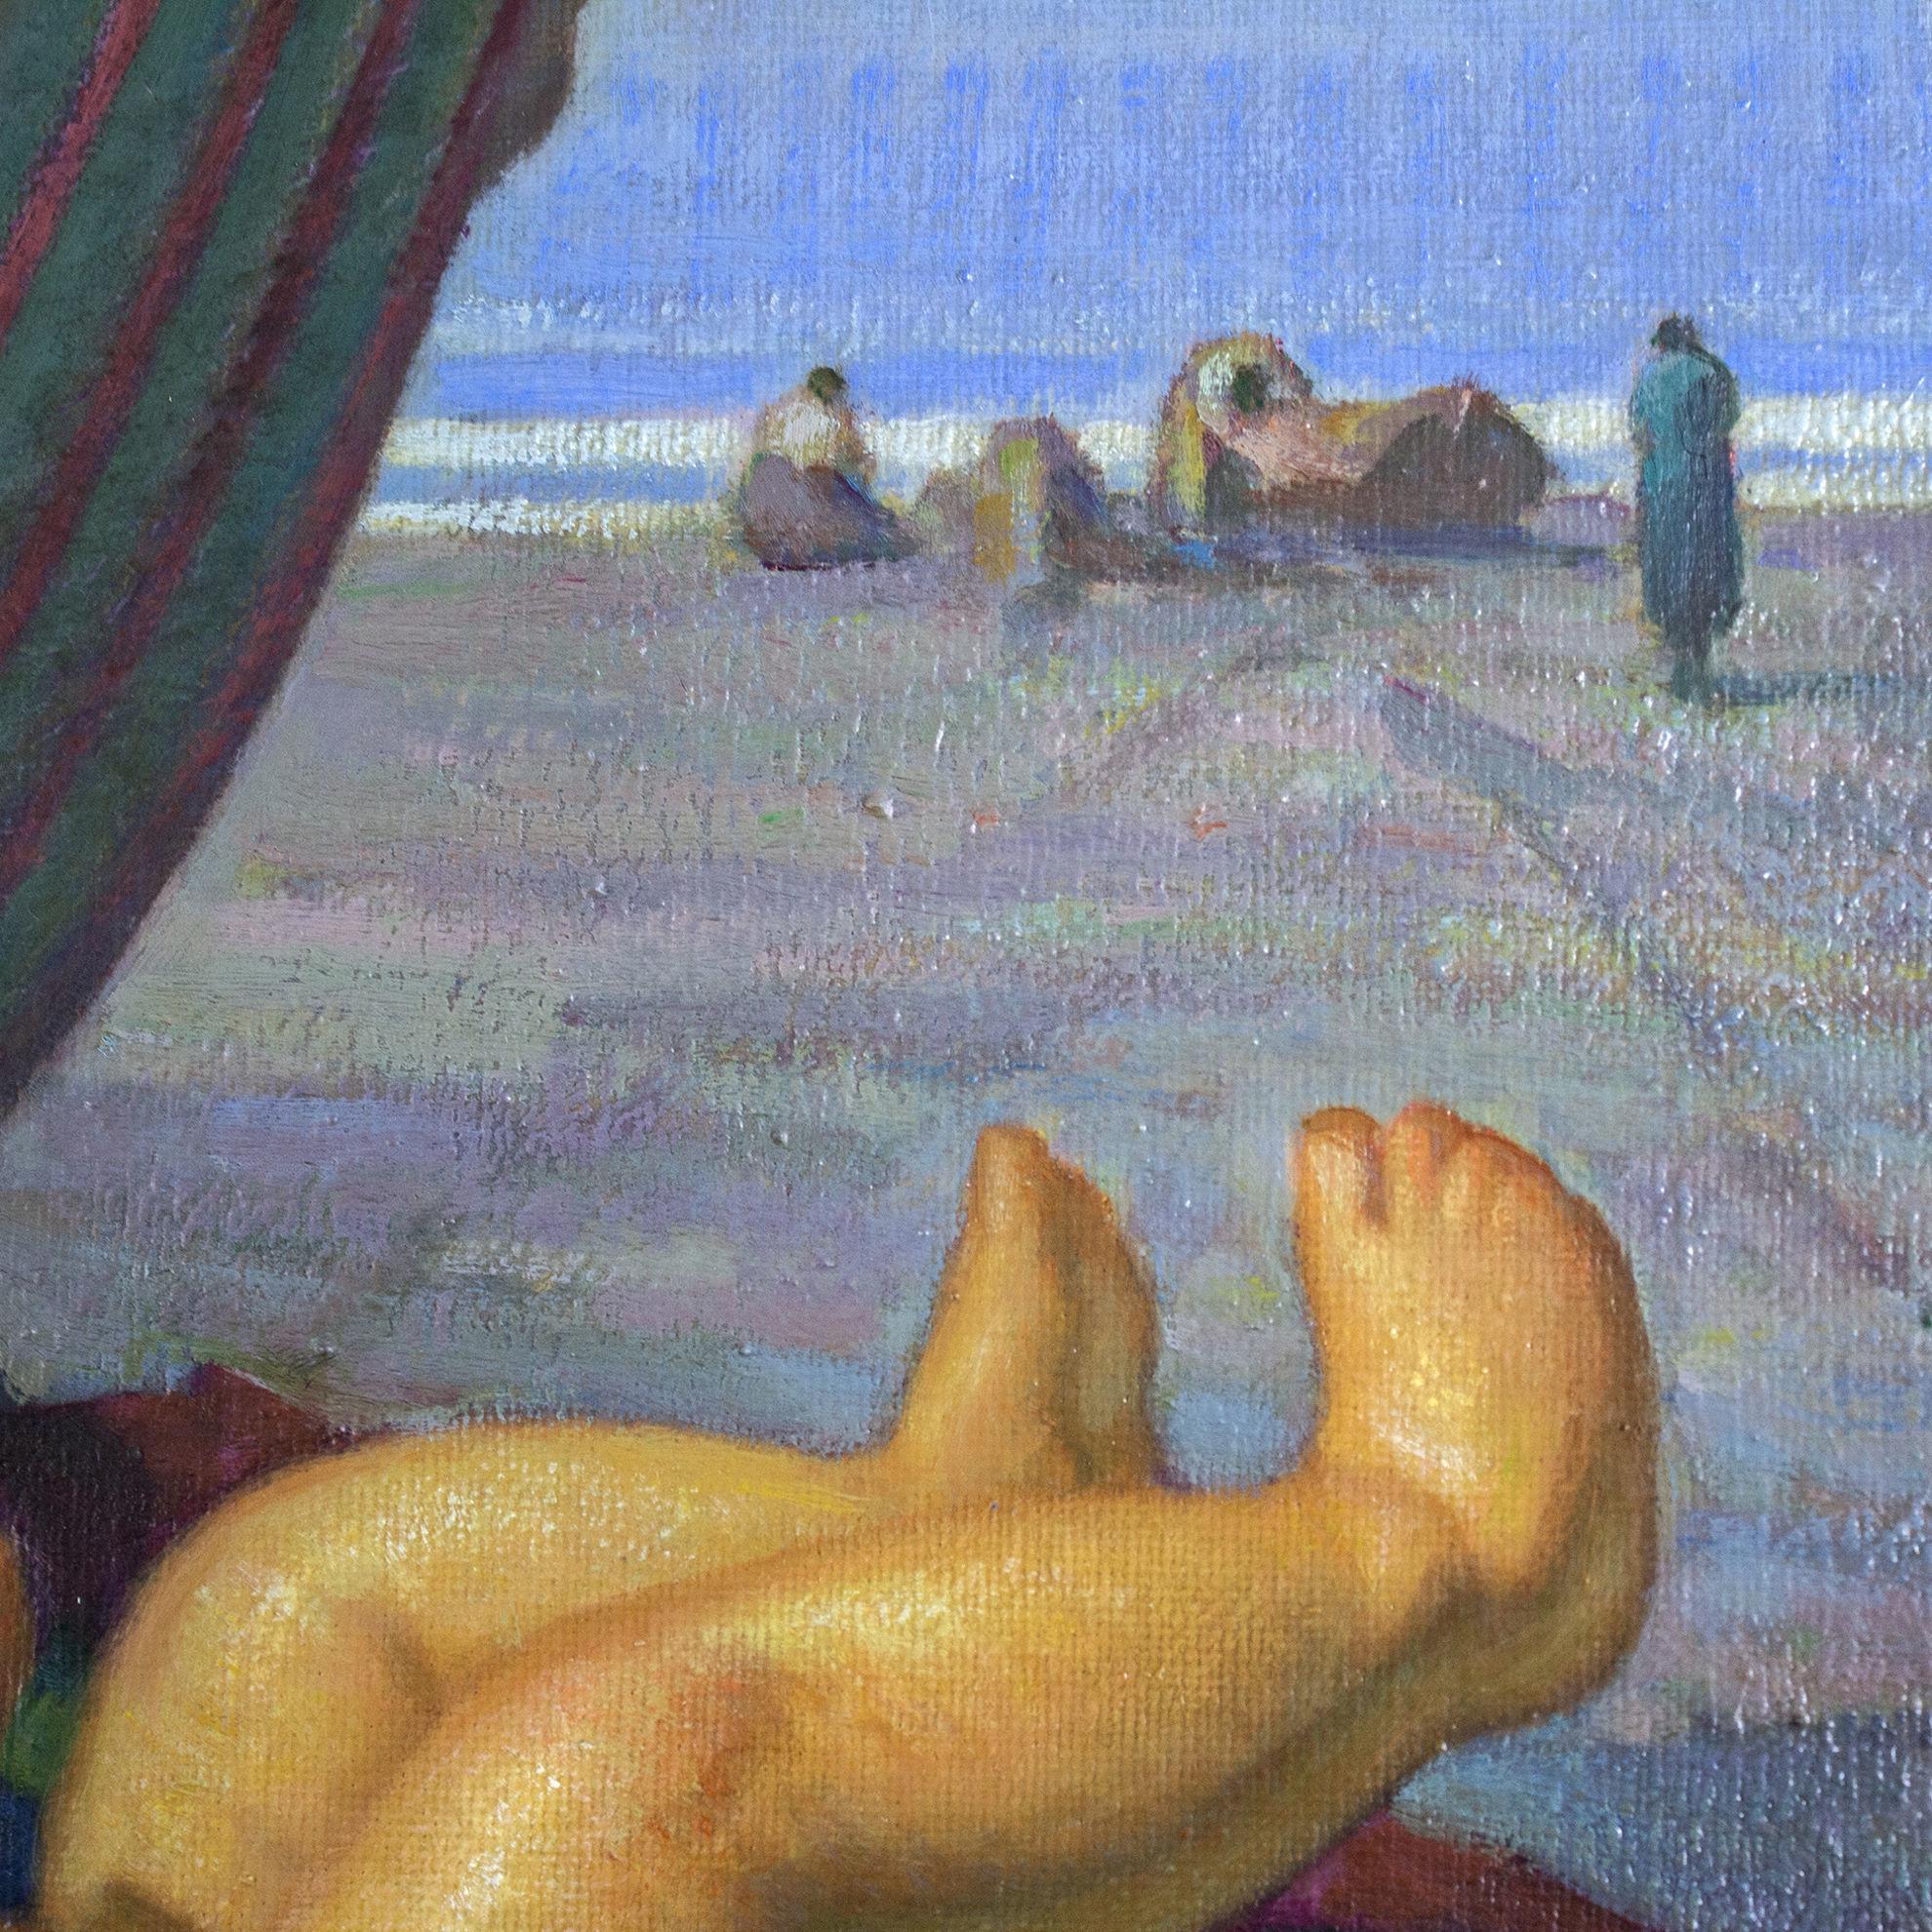 Immagine di Giochi sull'arenile